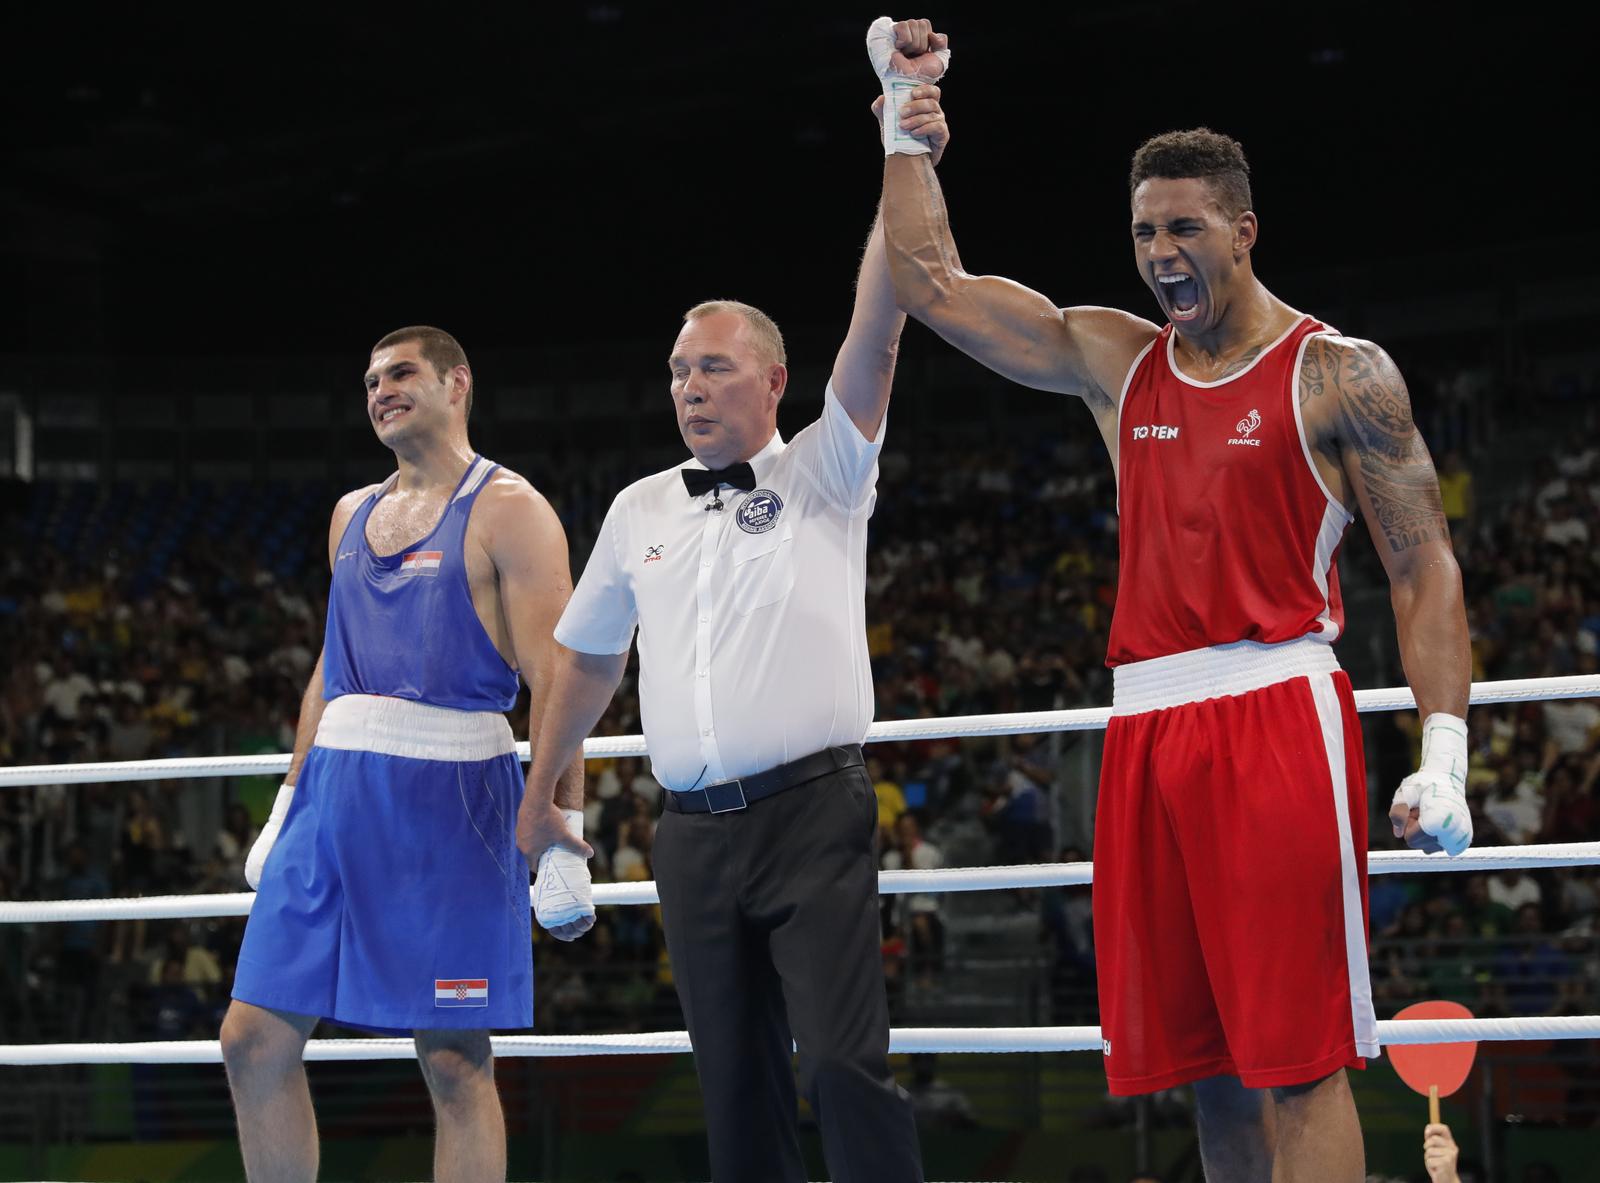 Заключительный олимпийский поединок выиграл французский боксер-тяжеловес Тони Йока